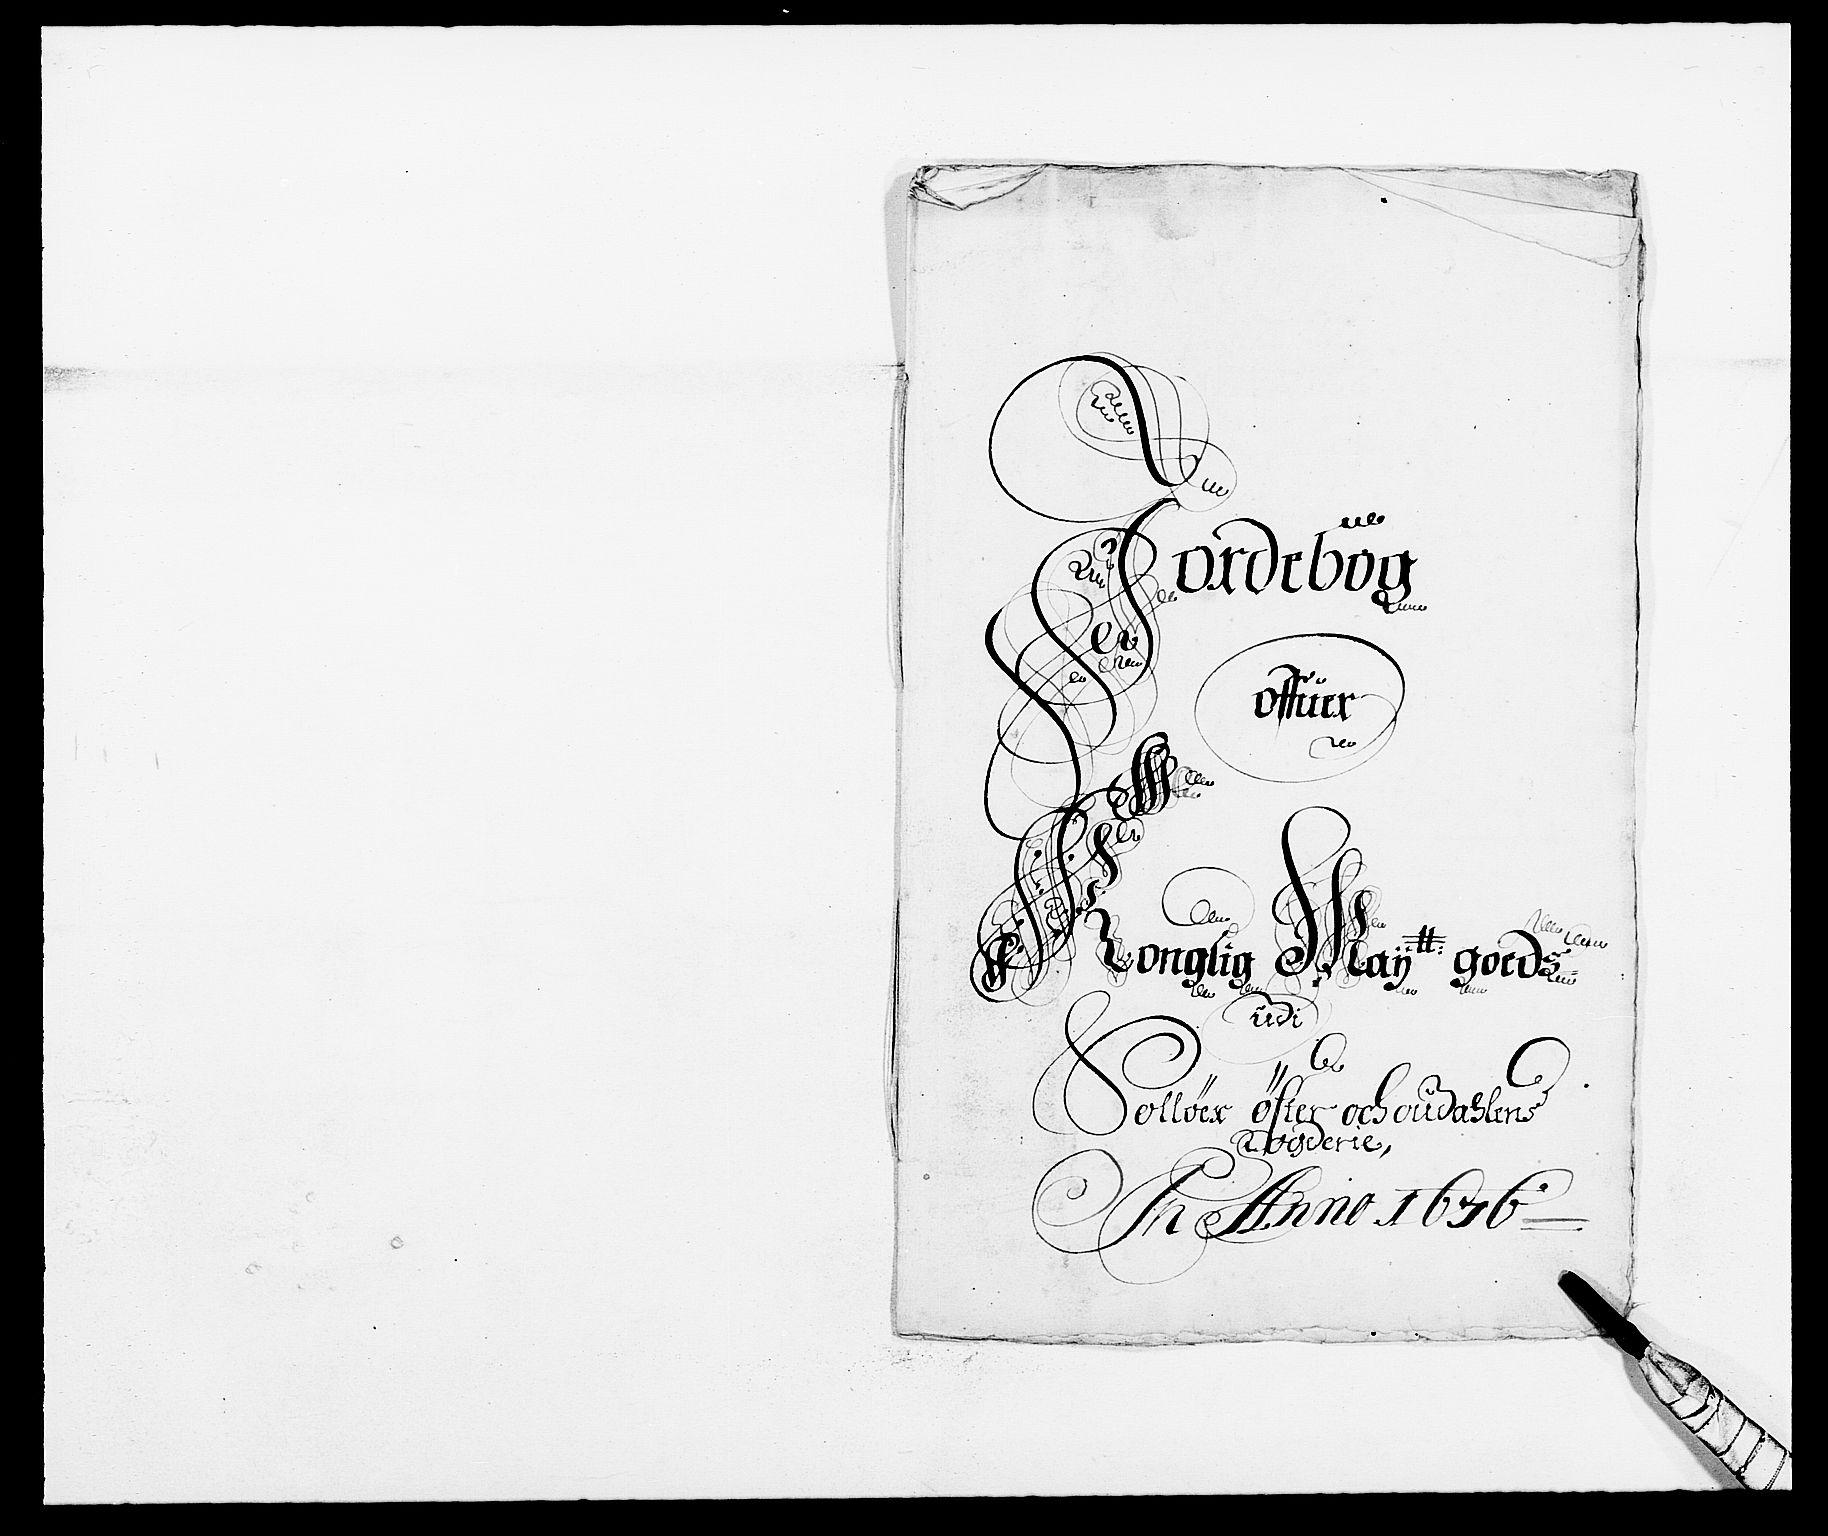 RA, Rentekammeret inntil 1814, Reviderte regnskaper, Fogderegnskap, R13/L0811: Fogderegnskap Solør, Odal og Østerdal, 1676, s. 2